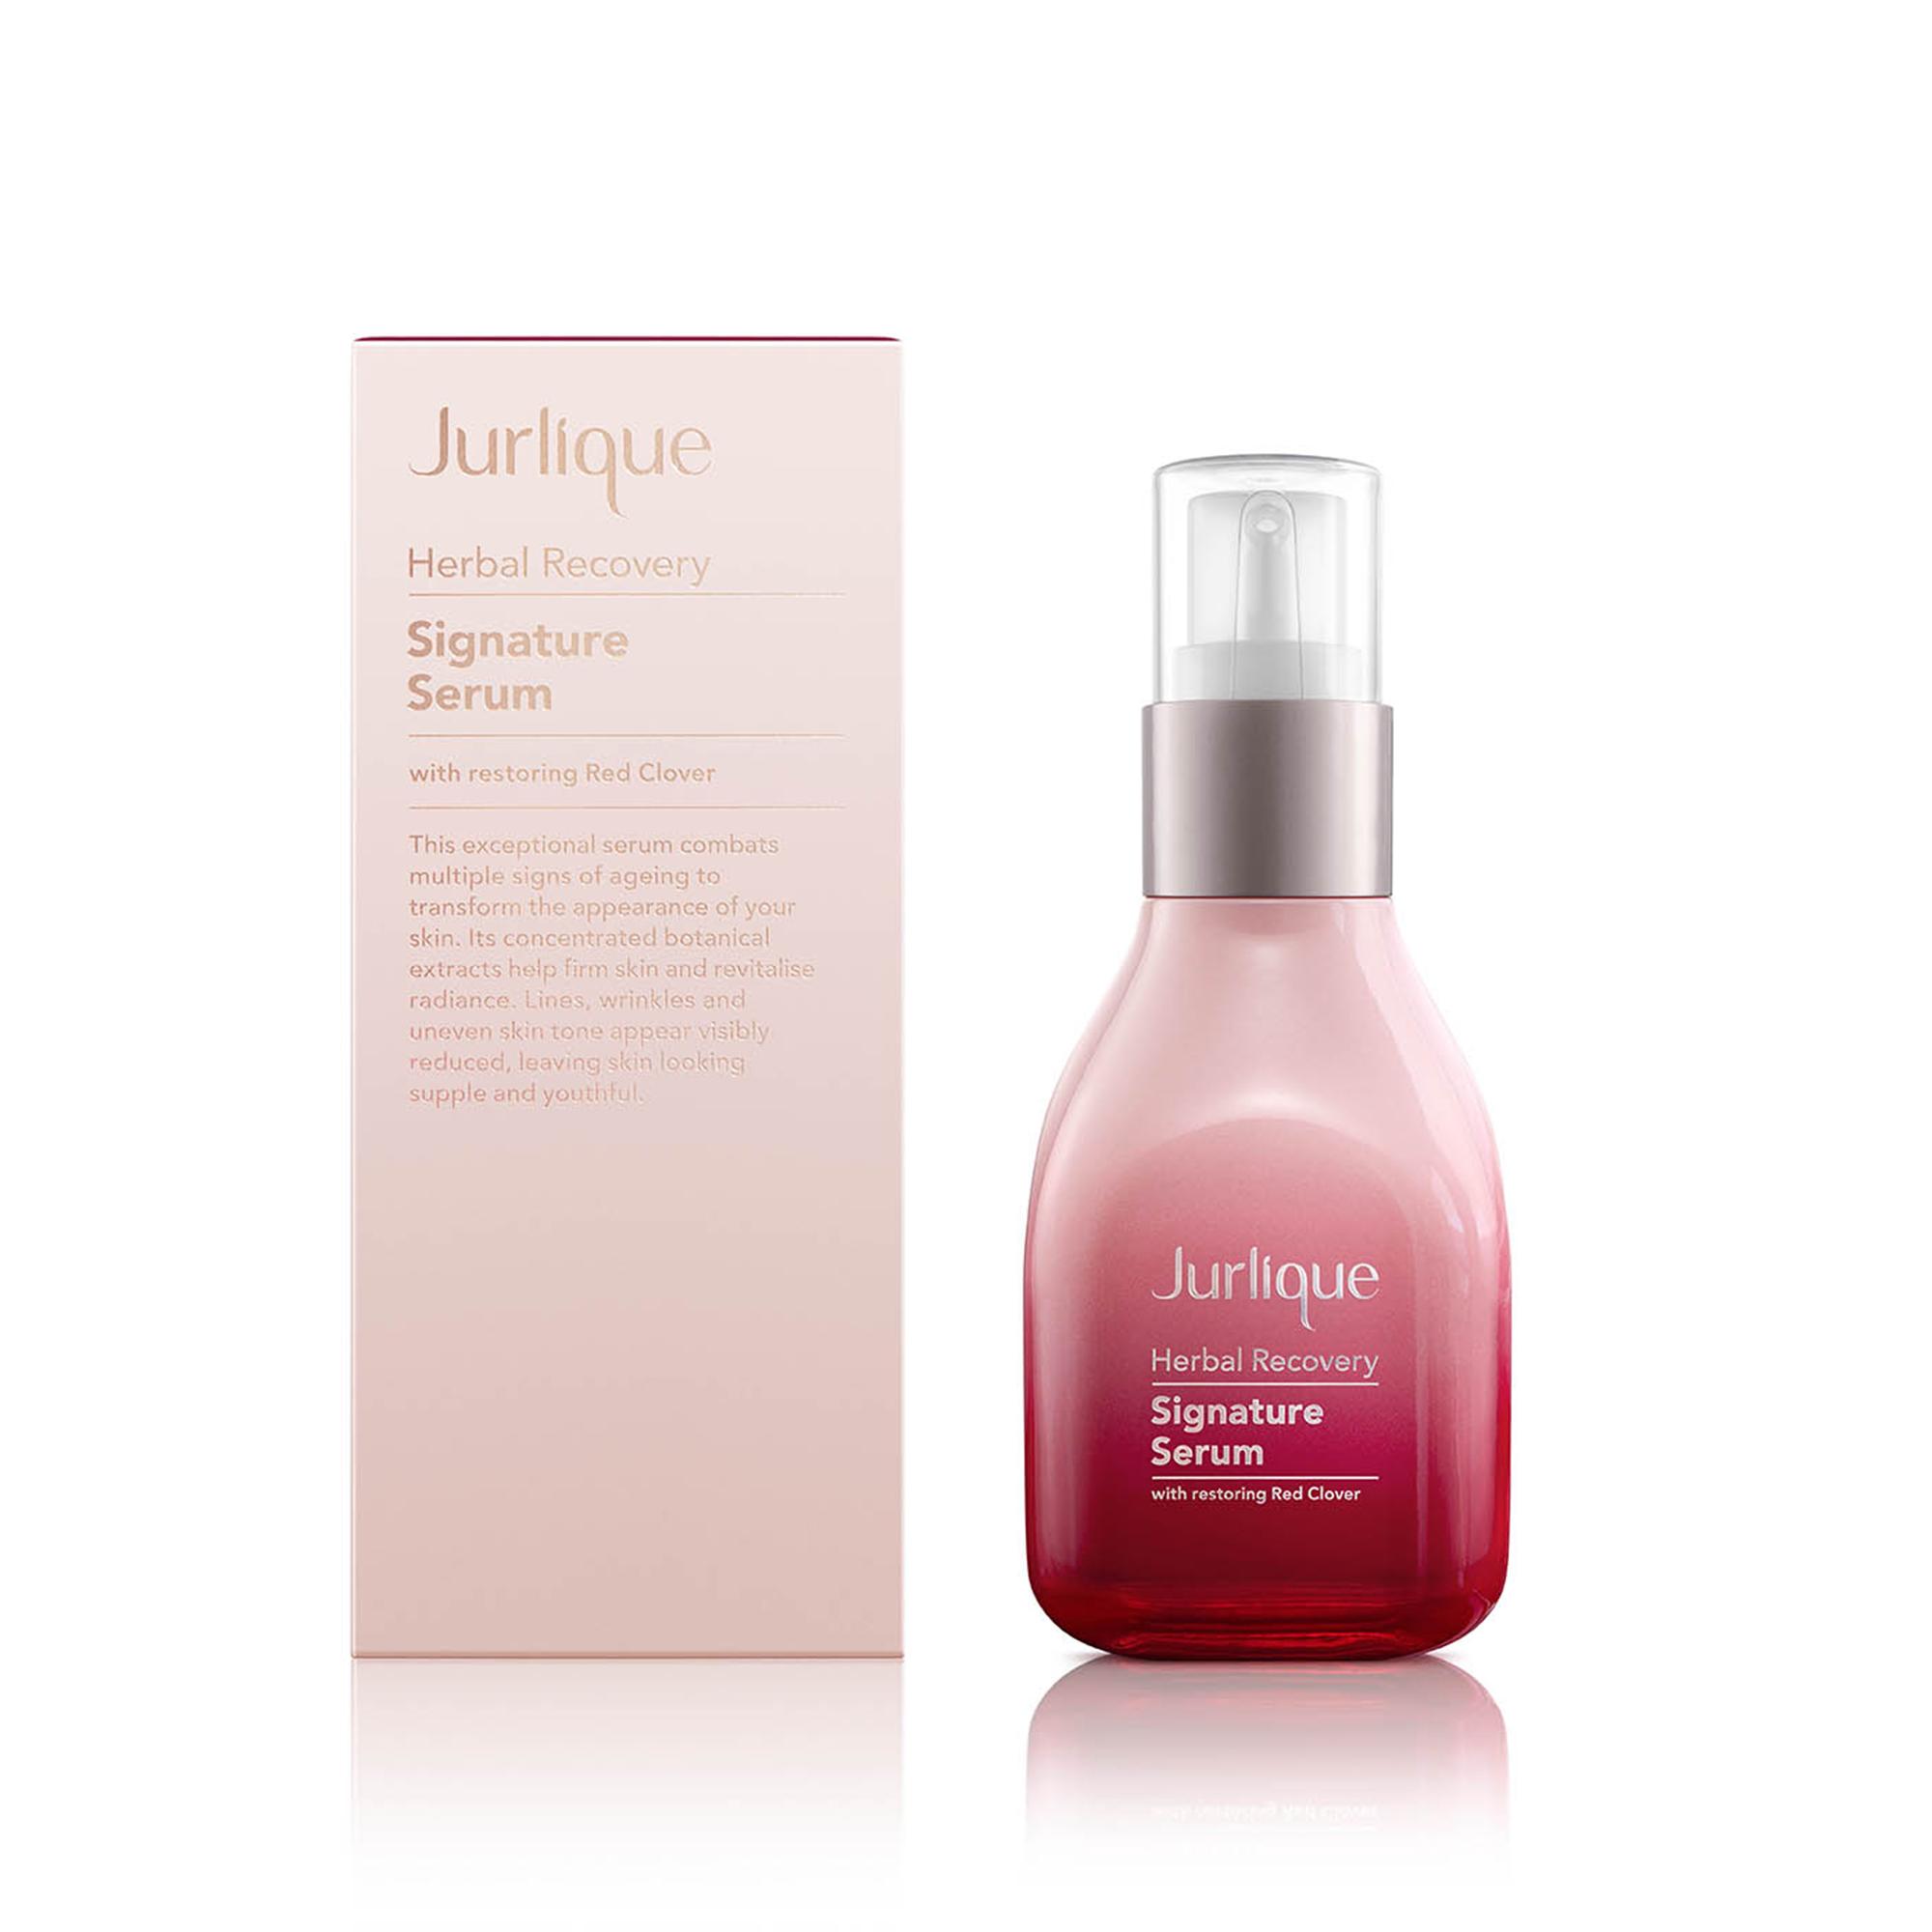 Jurlique Herbal Recovery Signature Serum, 50 ml